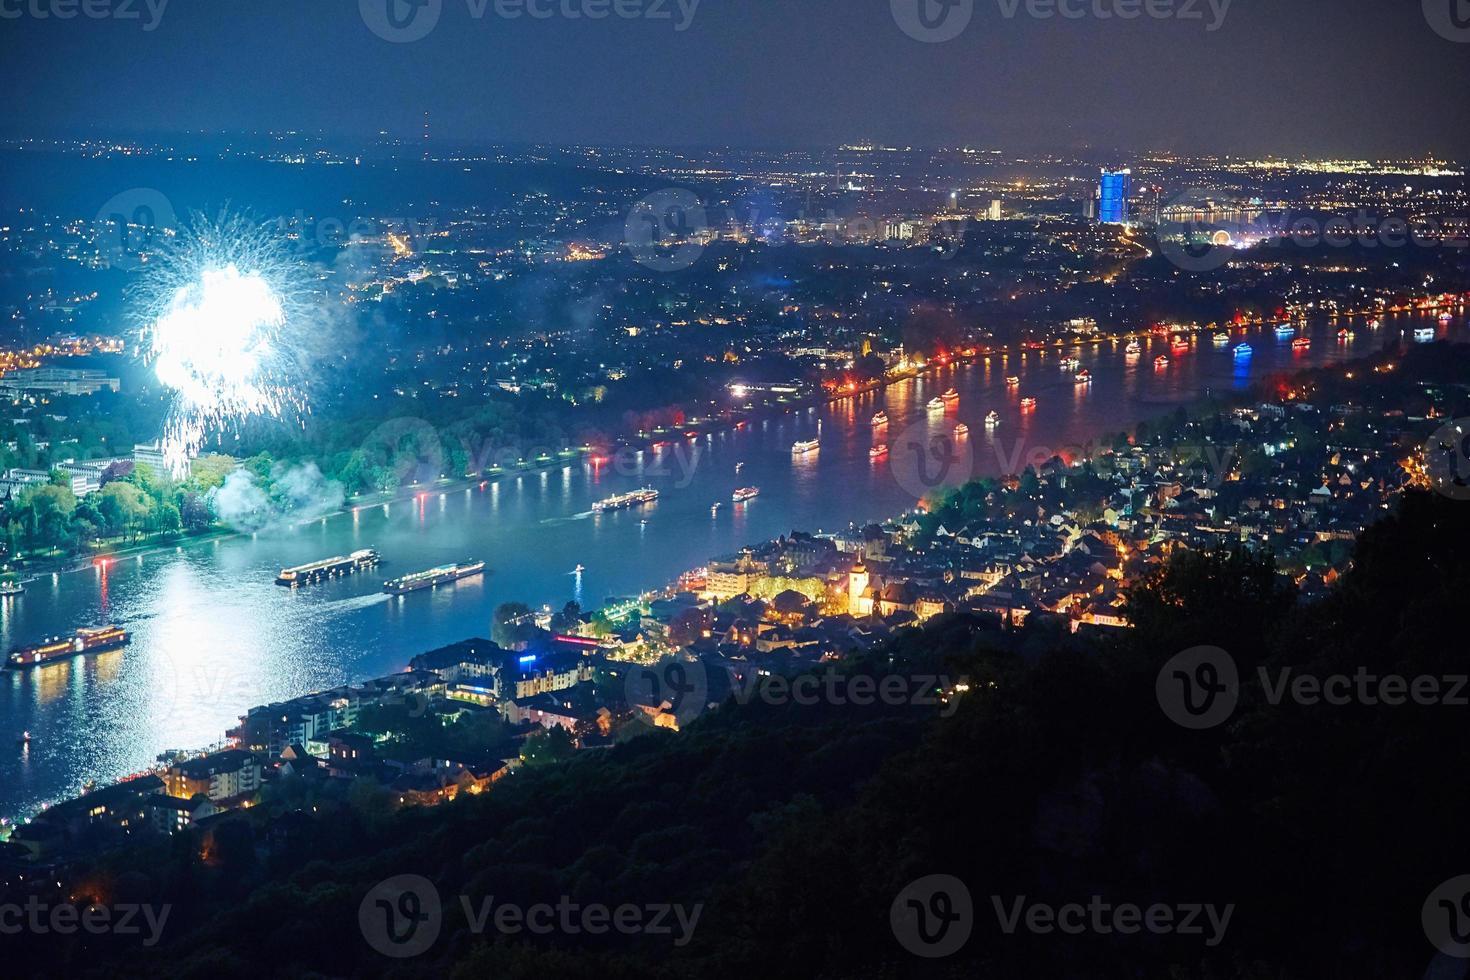 evento pirotecnico con navi illuminate e skyline foto